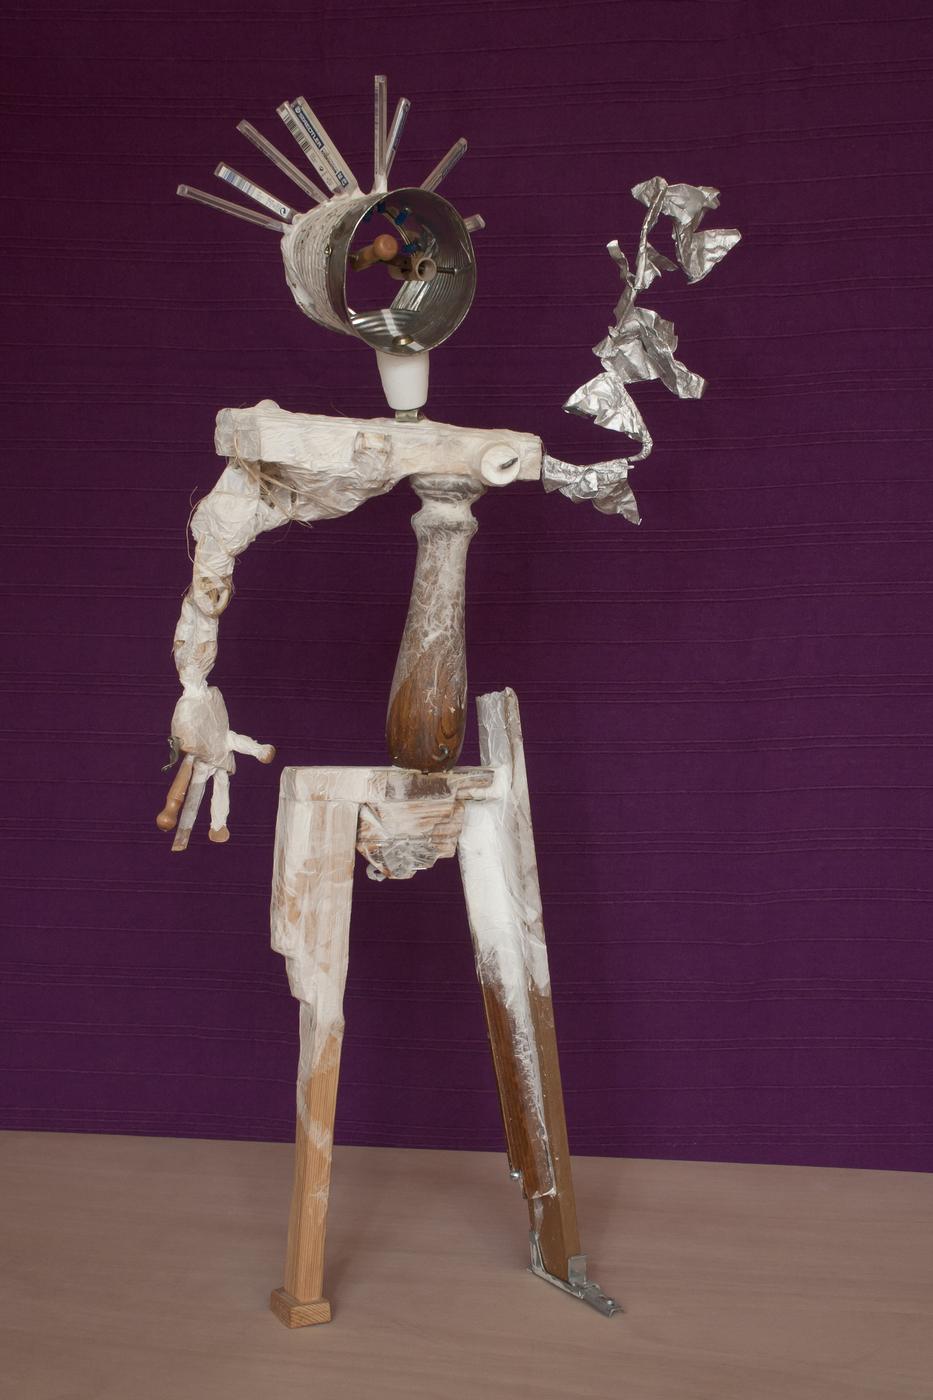 Ladislau da Regueira | Espaciand'o Tempo | As três deusas: O.G.L (2004)